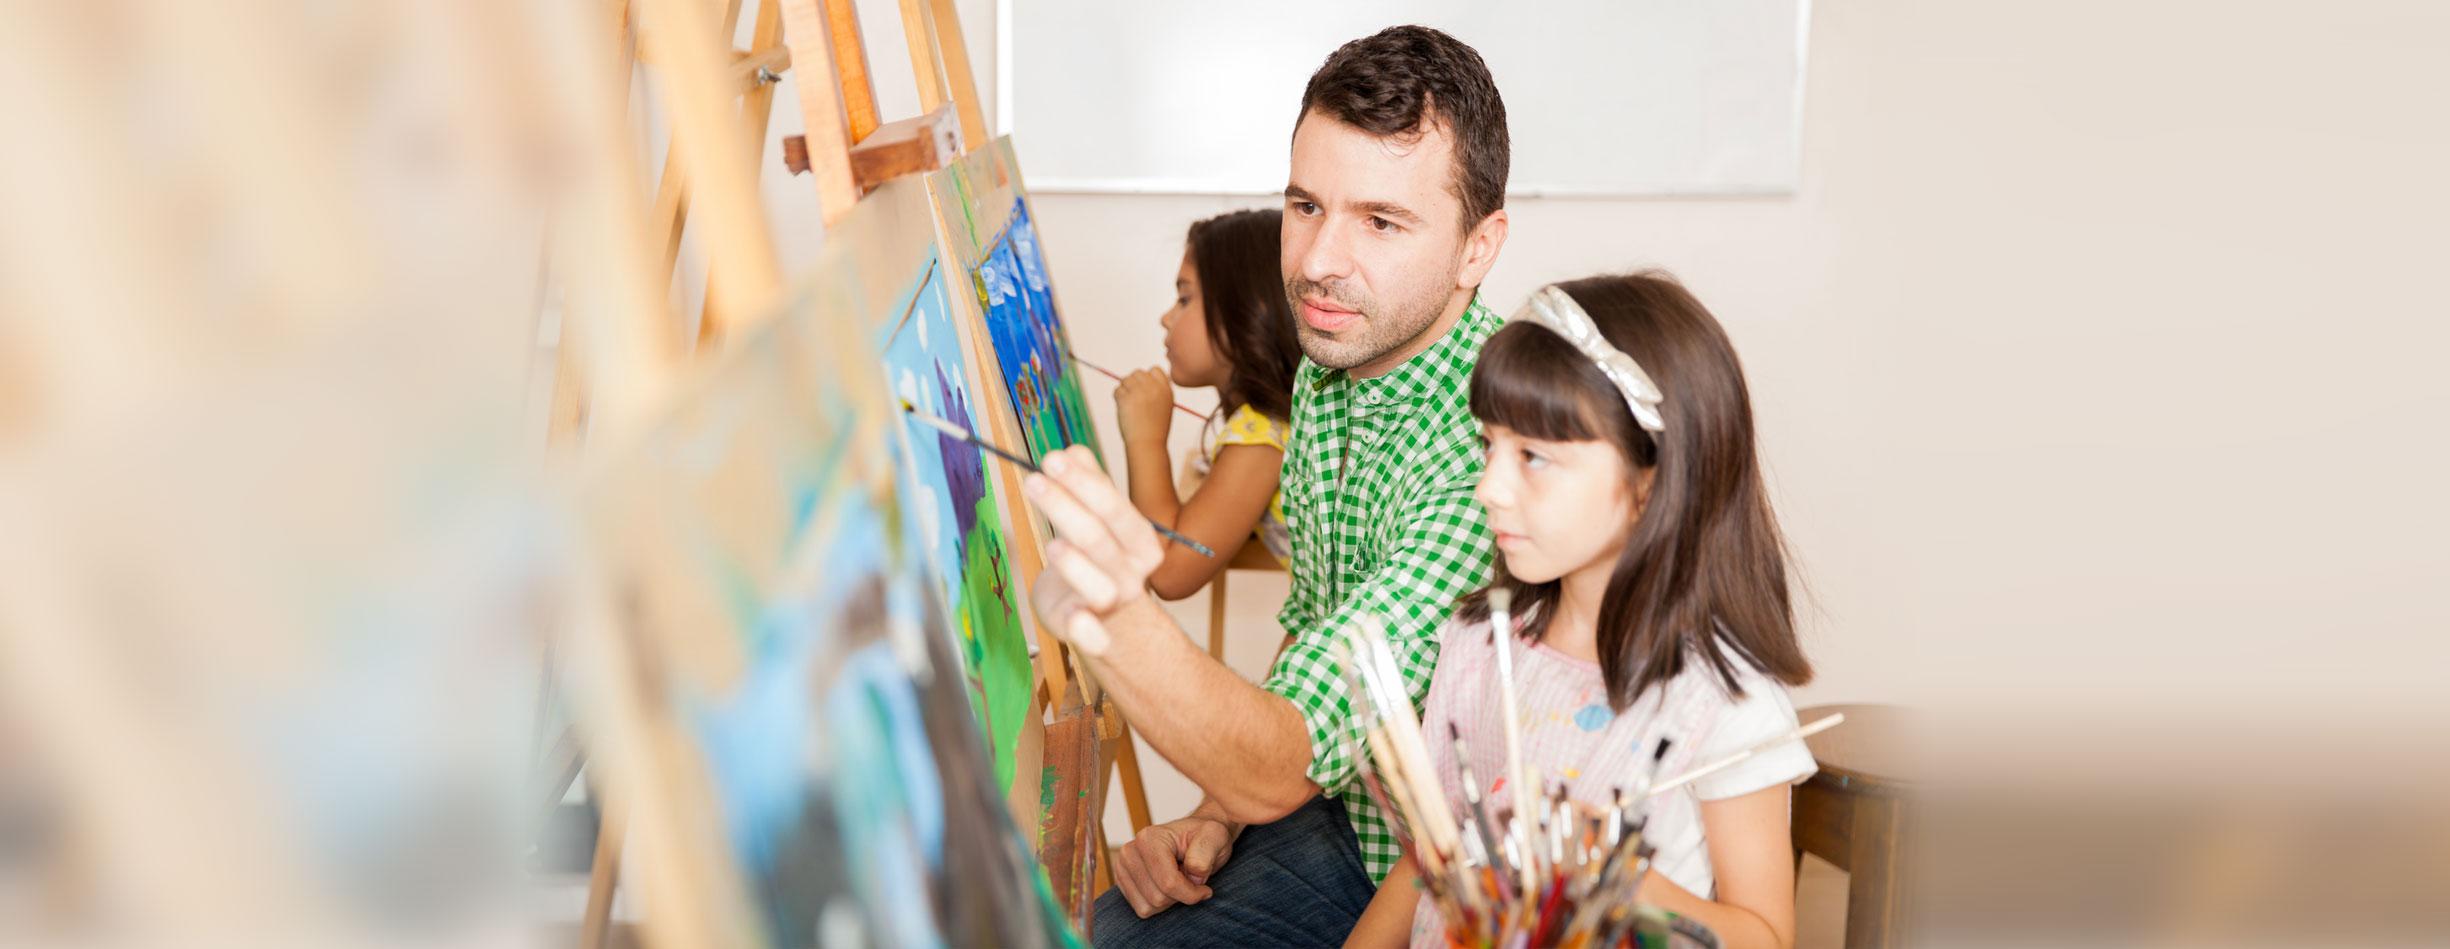 Kurse aus den Bereichen Erziehung und Pädagogik